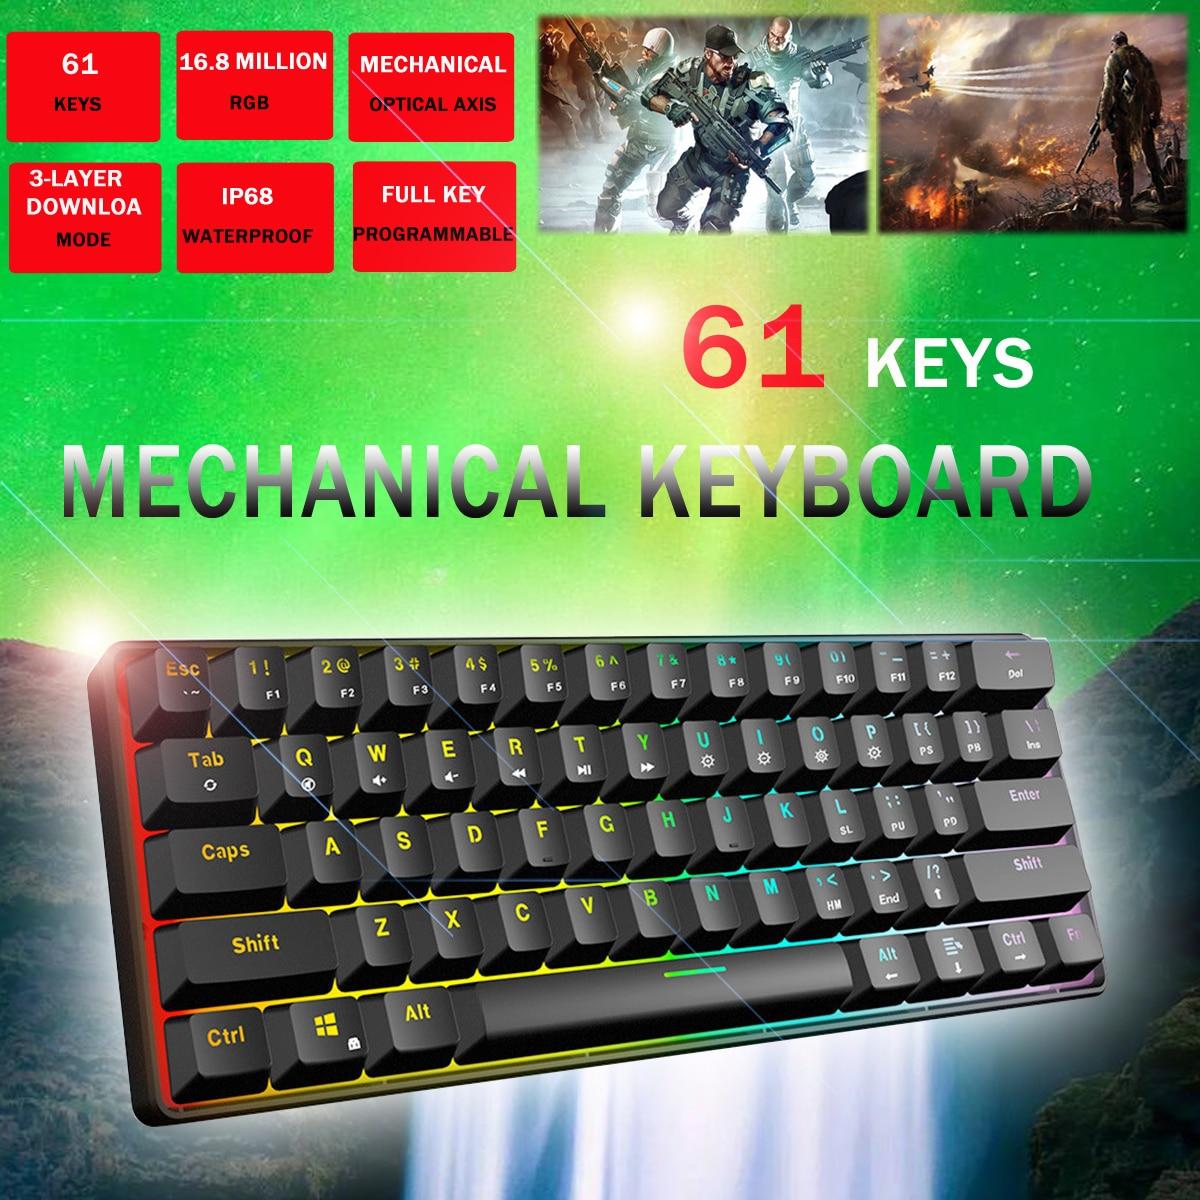 Gateron Switch jeu RGB clavier mécanique axe optique peut être inséré câble axe mécanique 61 jeux de clés